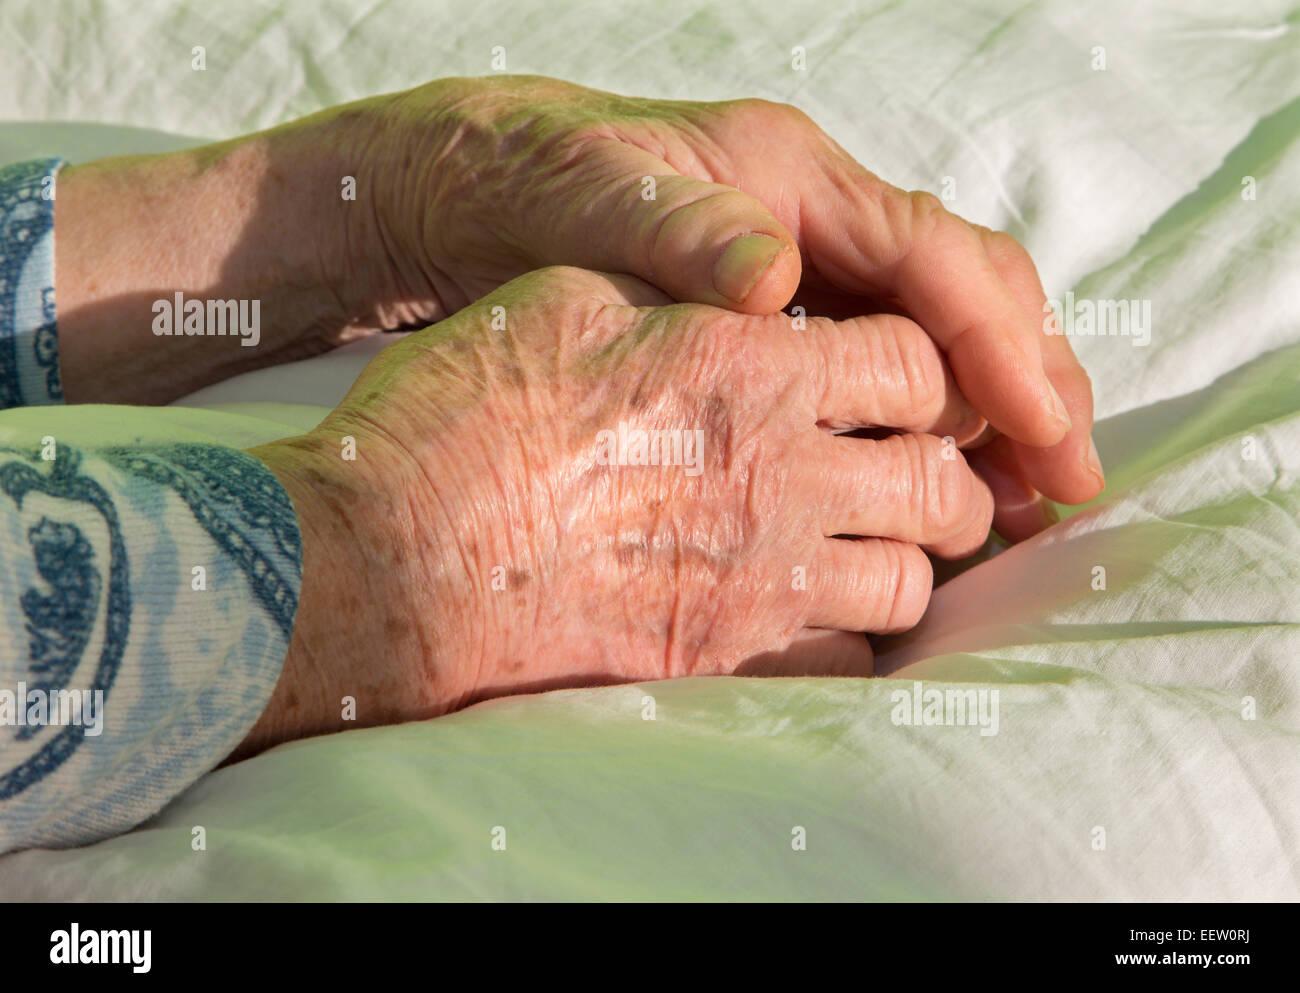 Händen der alten Frau auf dem Bett Stockbild